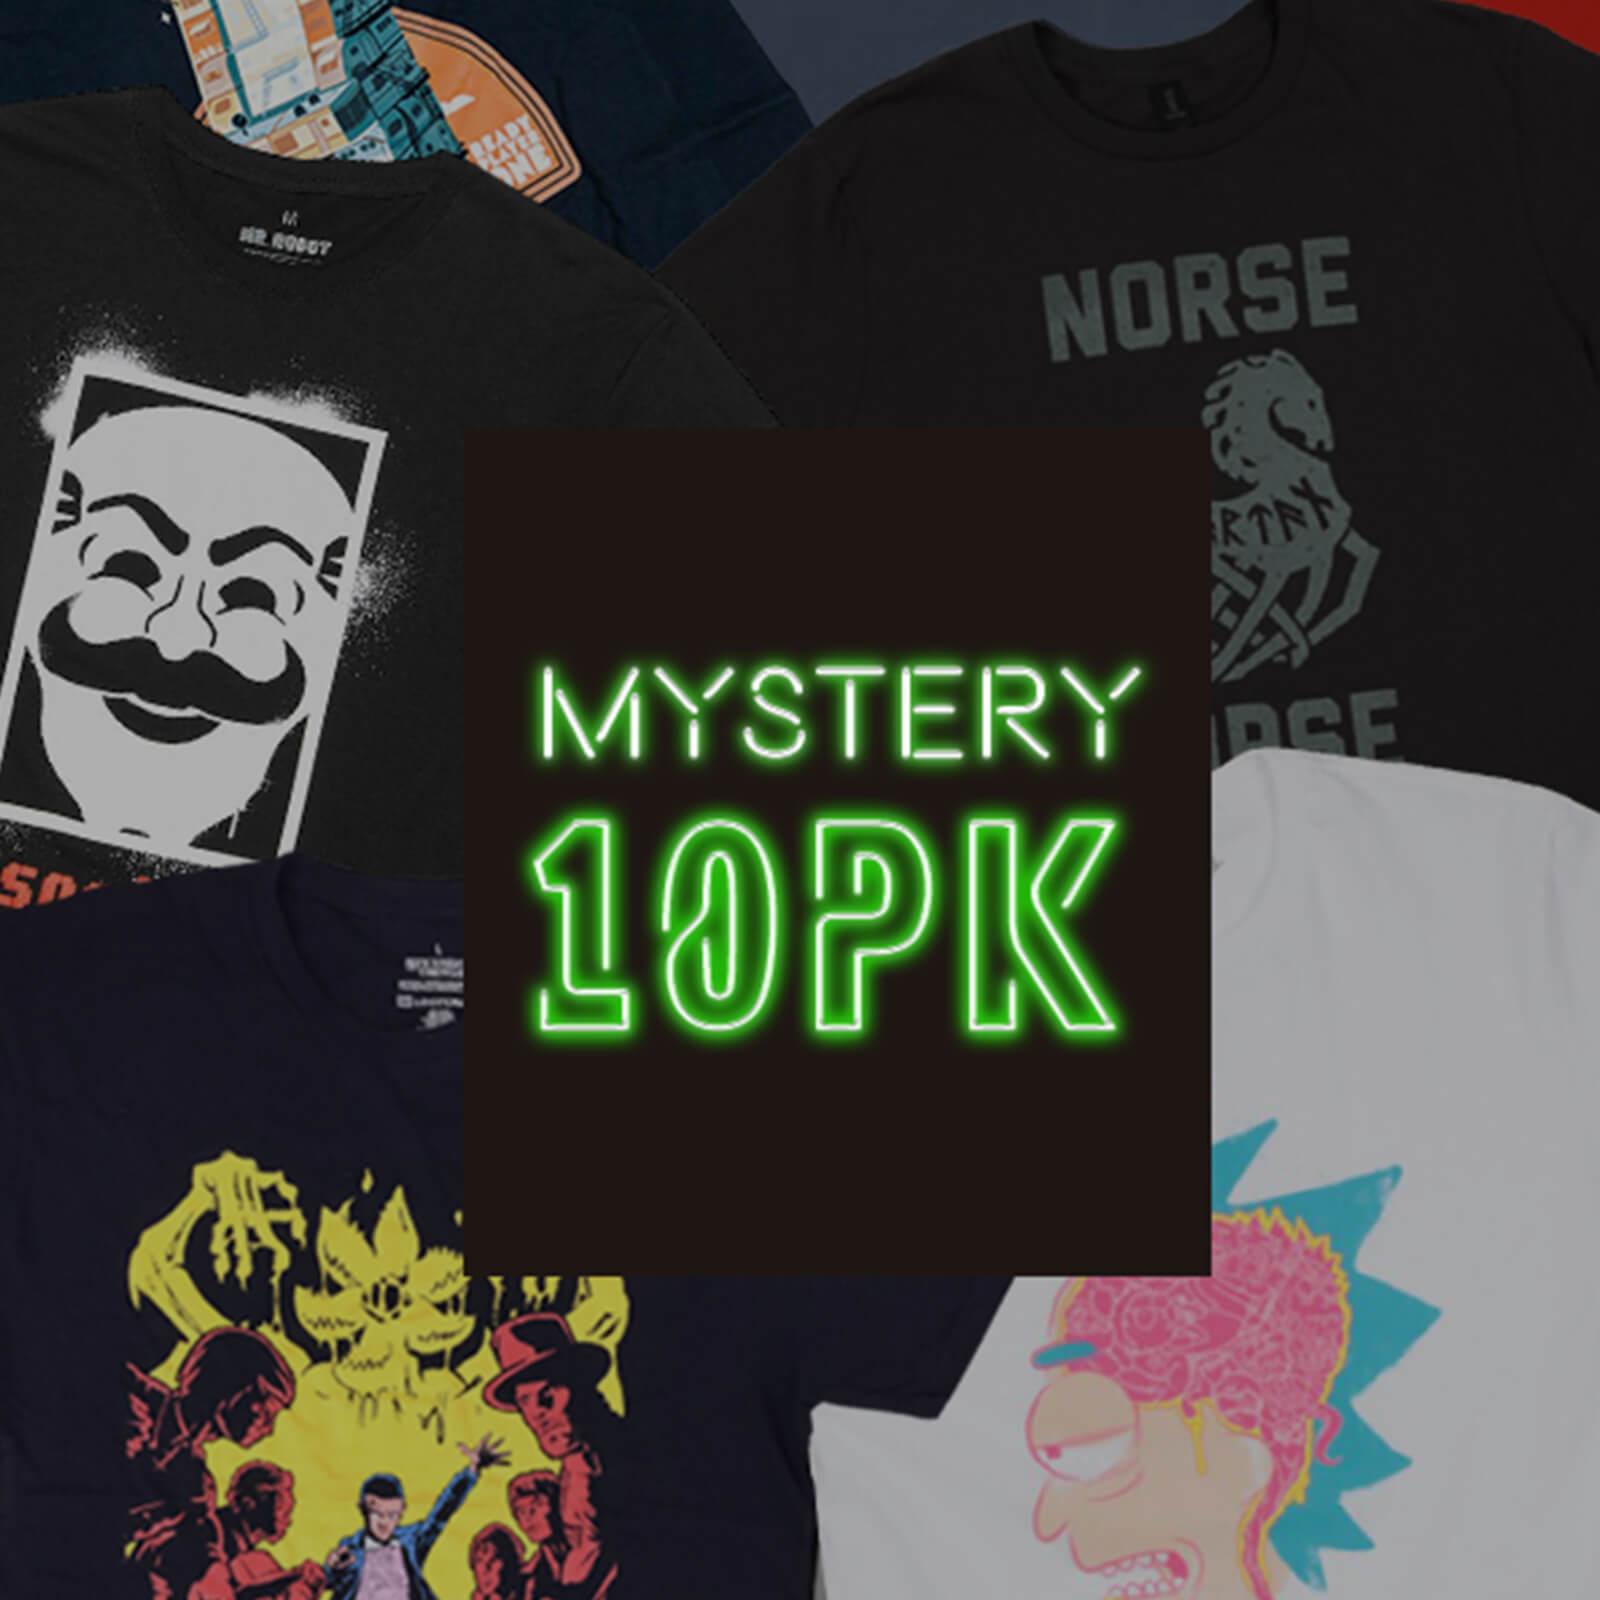 Mystery Geek T-Shirt 10er-Pack - DC, Marvel, Star Wars, Game of Thrones uvm (Damen oder Herren: S - XXL) für 29,99€ (pro Shirt 2,99€)